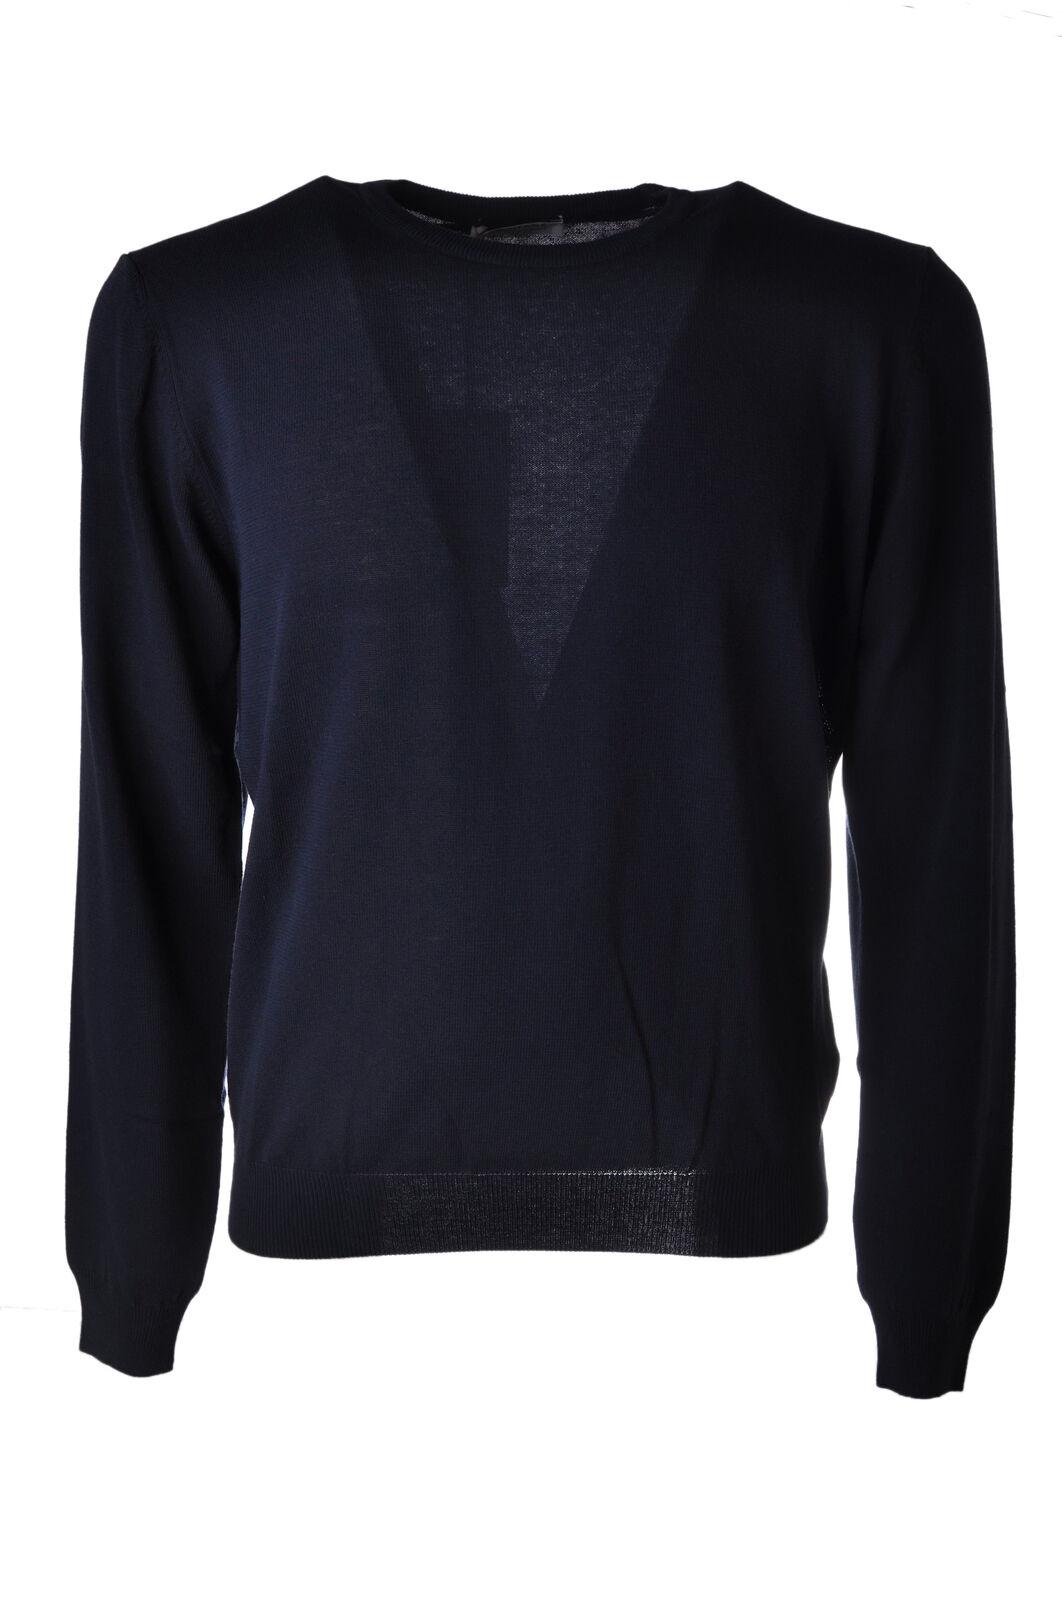 Heritage - Knitwear-Sweaters - Man - Blau - 4897822G181936